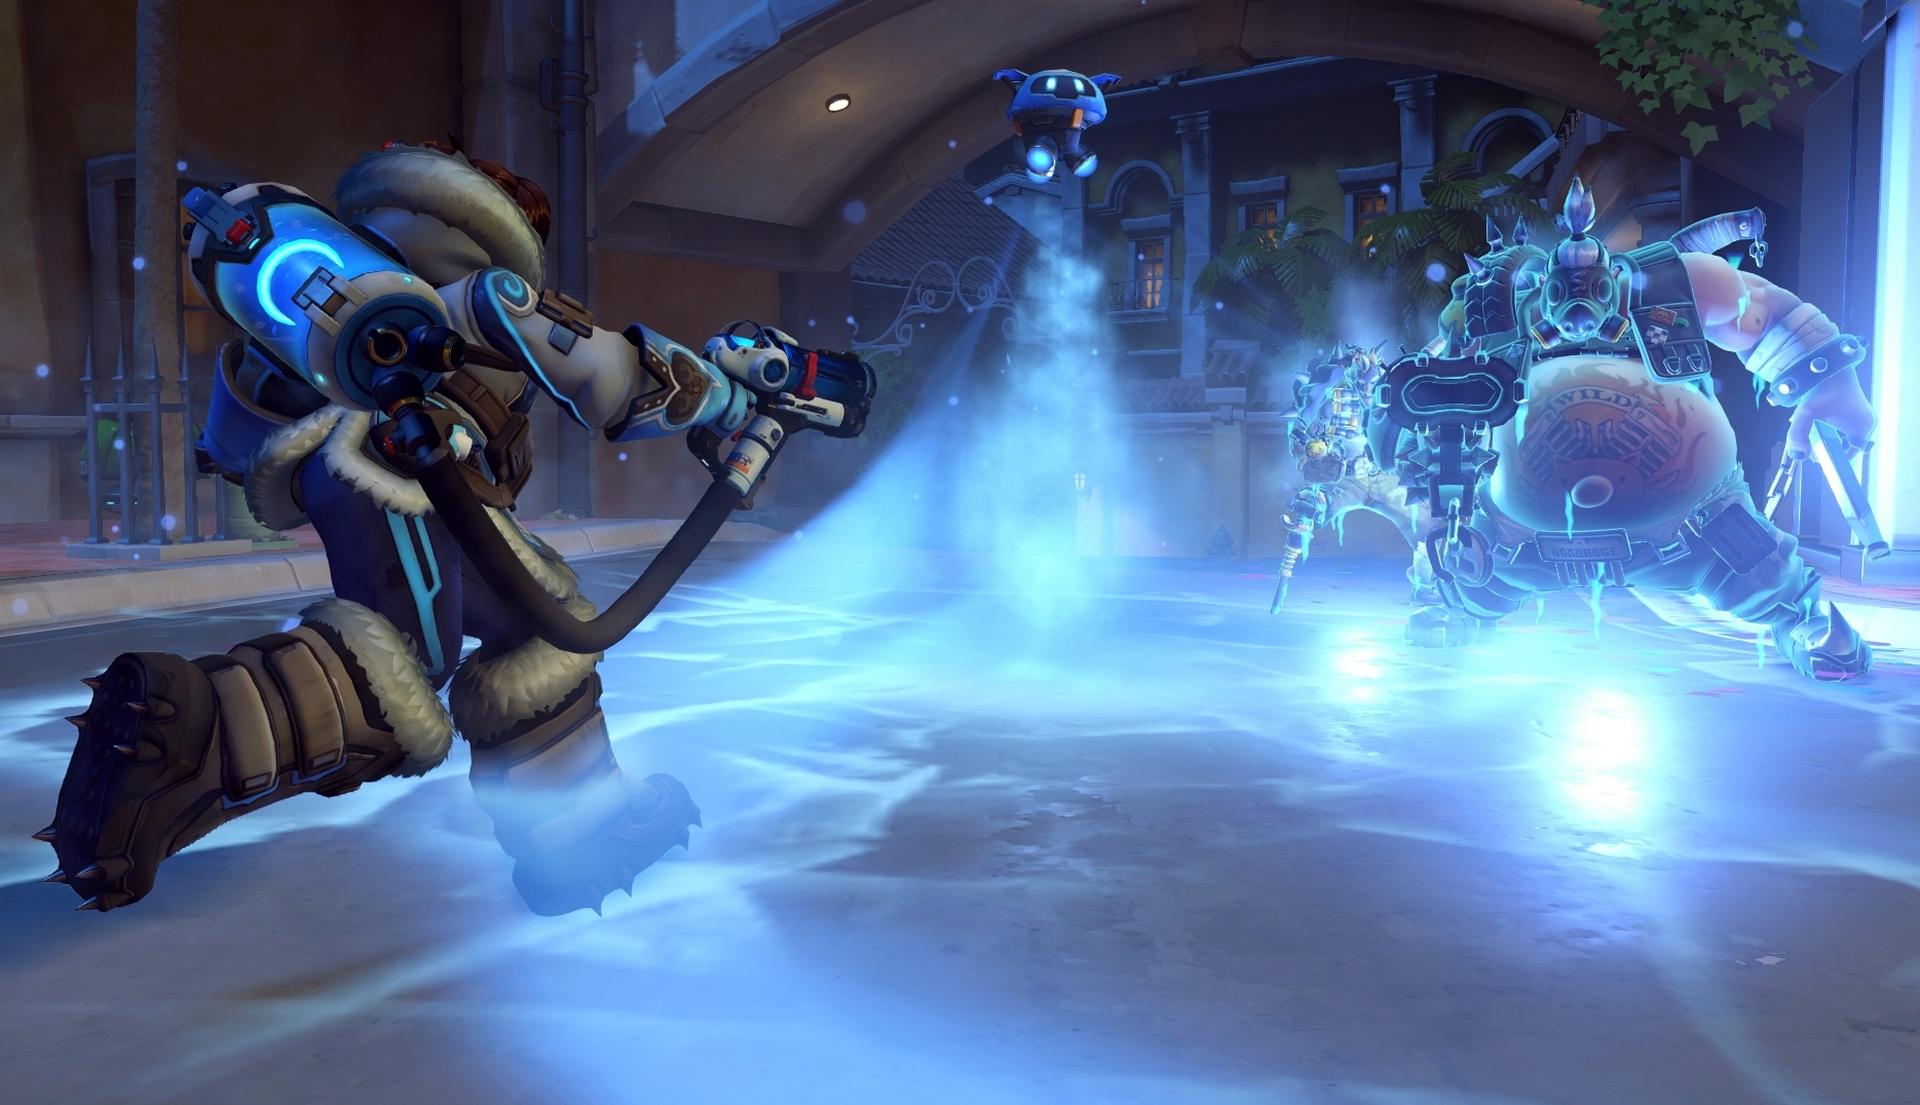 Screenshot de Mei dans Overwatch.